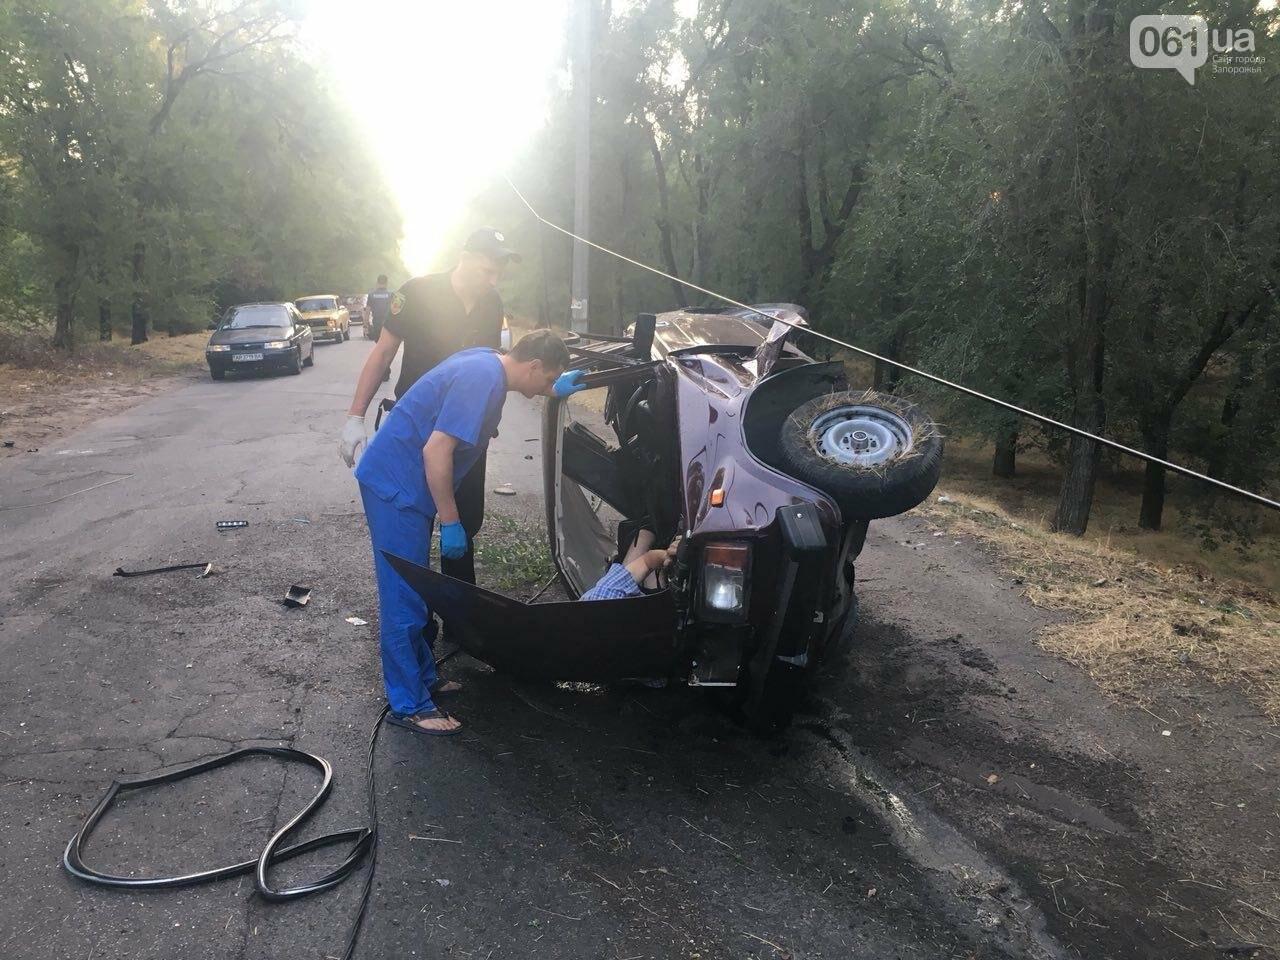 В Запорожье мужчина напился после ссоры с женой и сел за руль - авто перевернулось, - ФОТО, фото-1